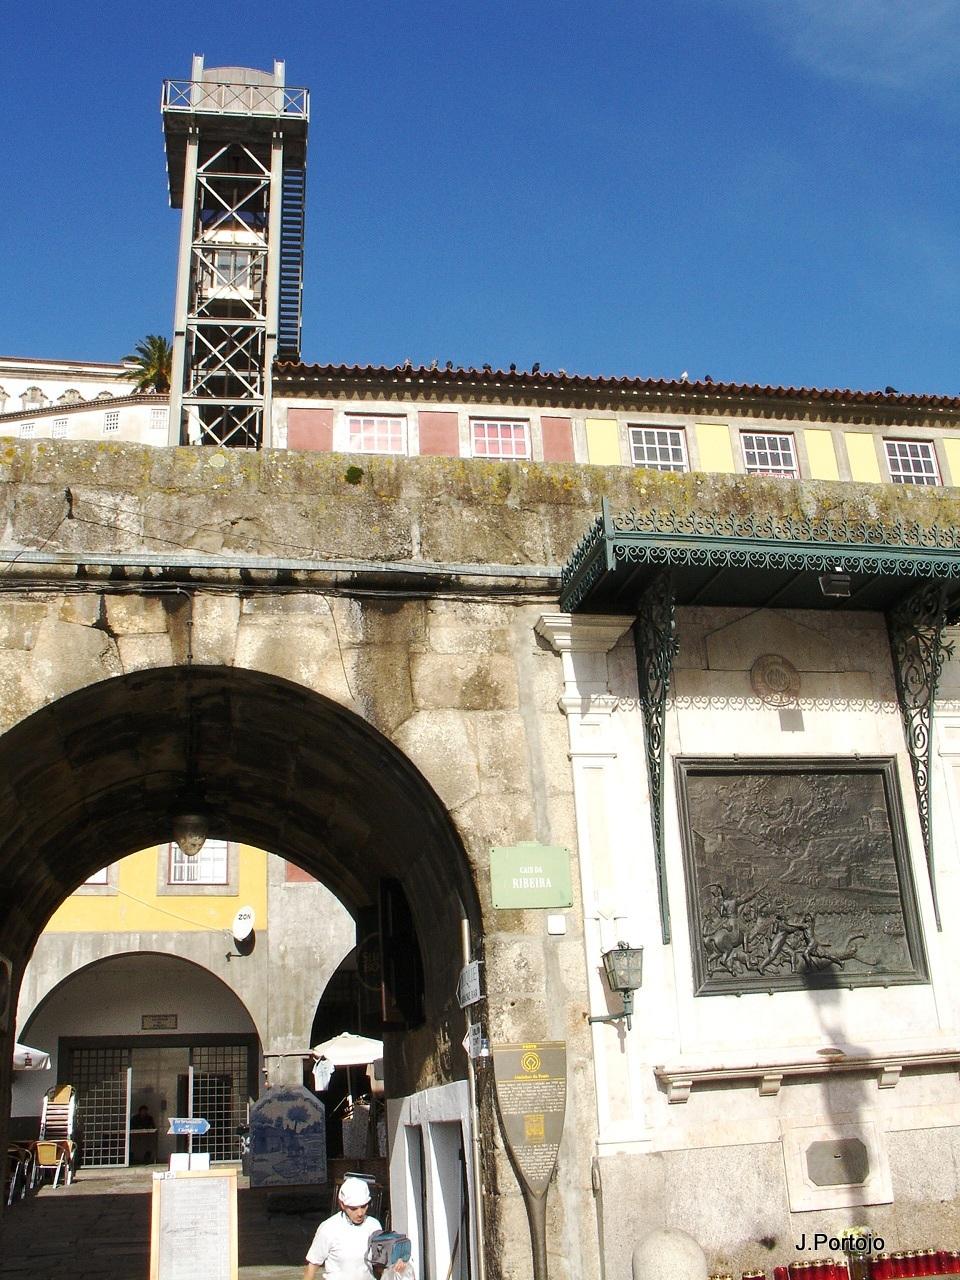 À descoberta do Porto! - Página 2 Ribeiras+de+Portoe+Gaia+107